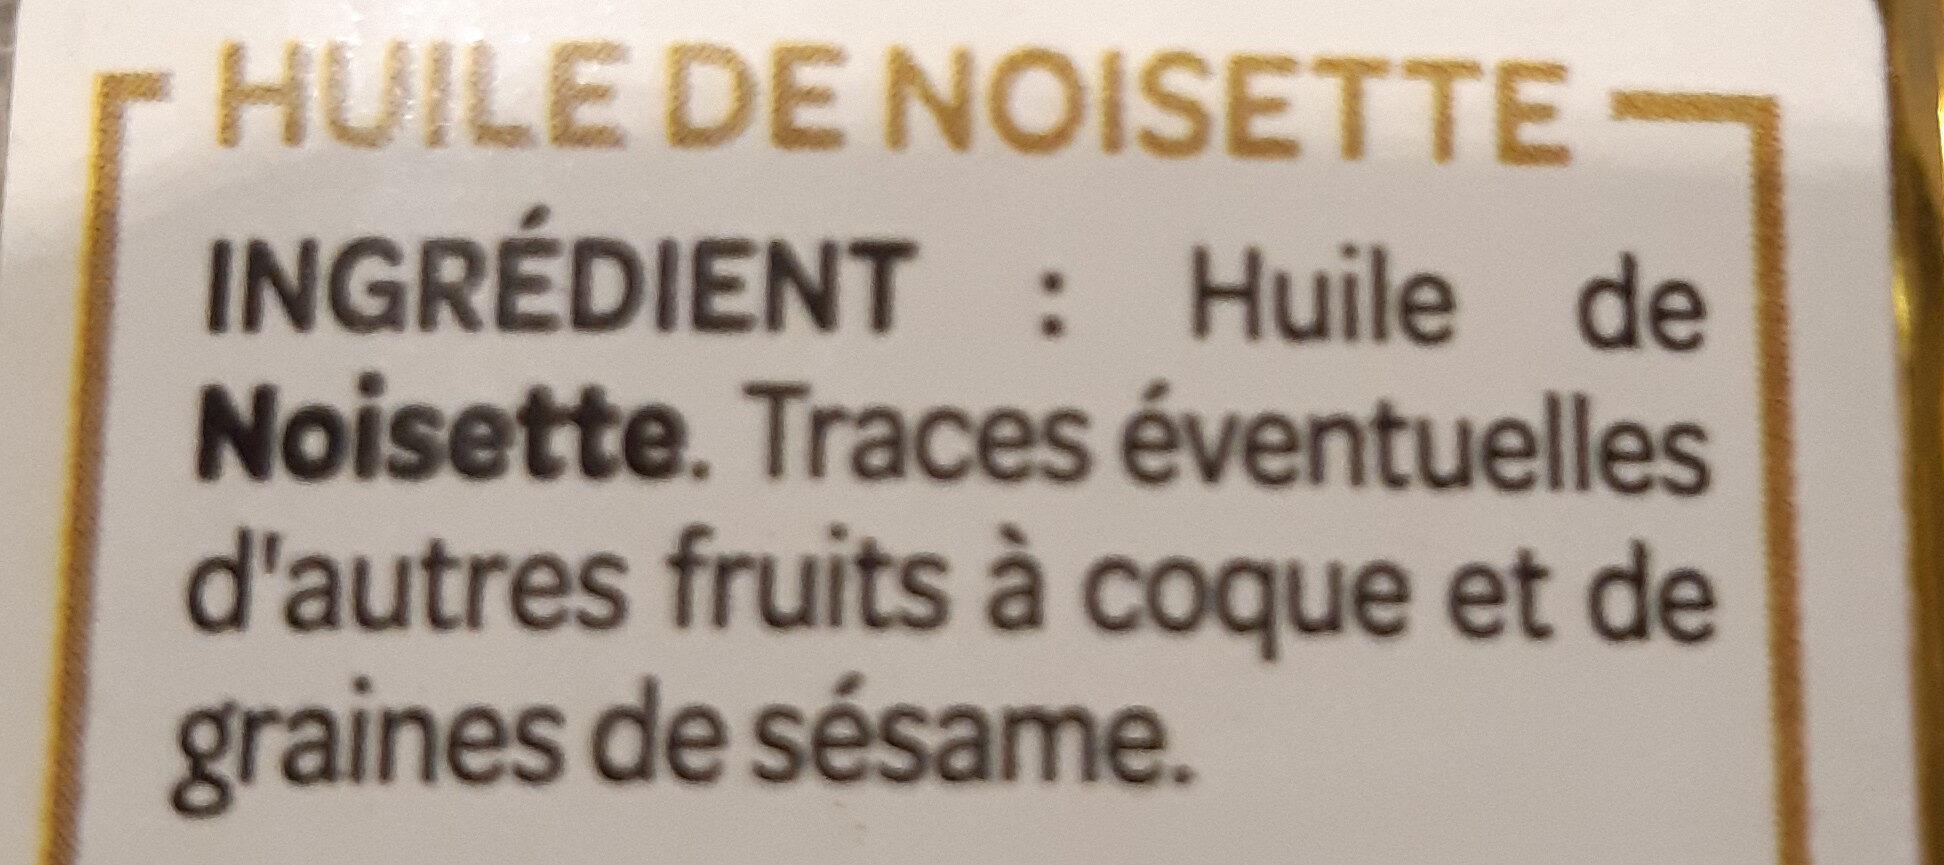 L'exceptionnelle huile de noisette - Ingrédients - fr